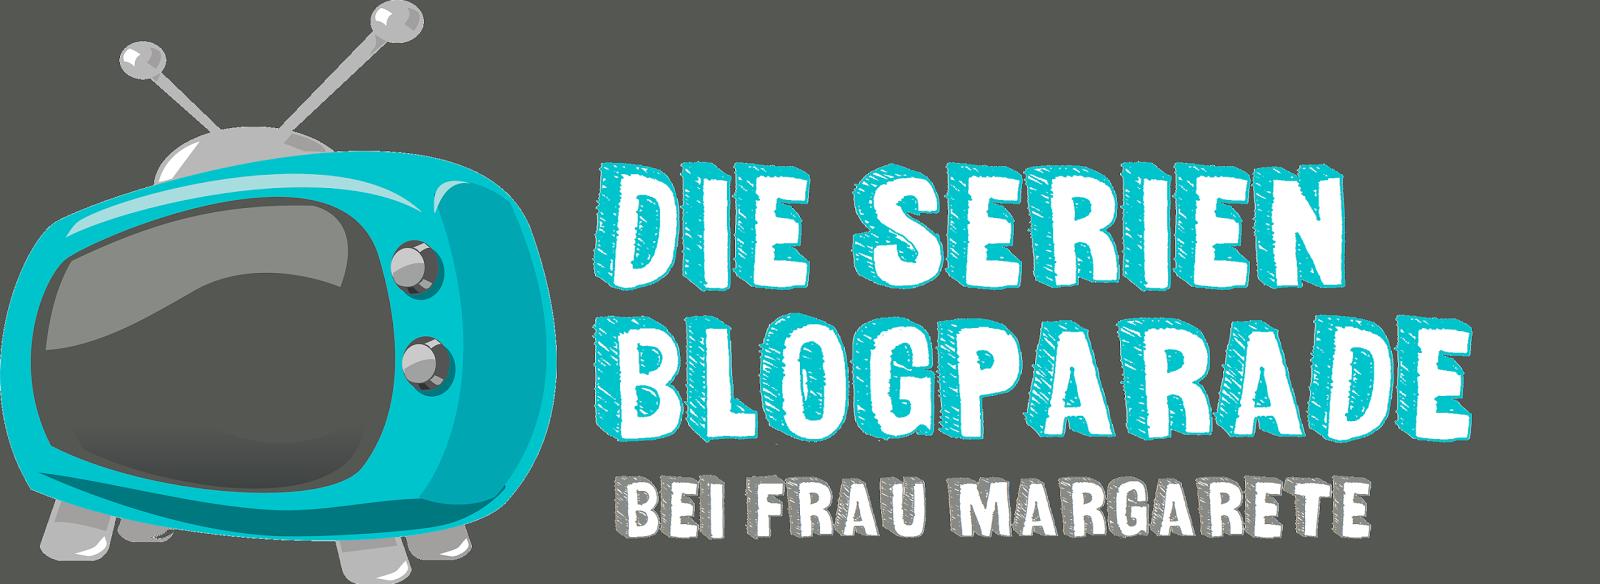 Serienblogparade Leben Tod